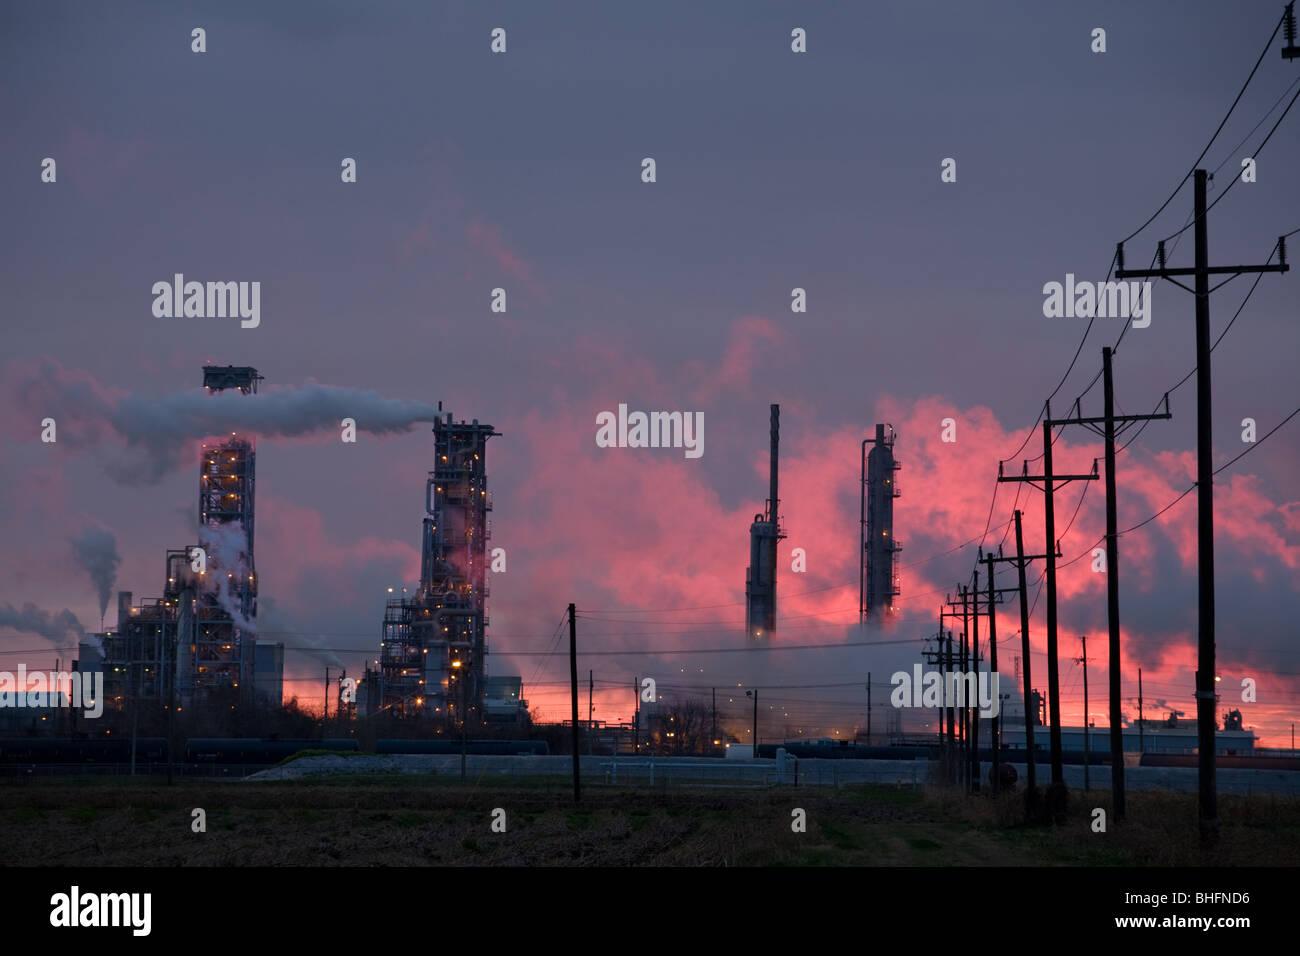 Au coucher du soleil, les raffineries Donaldsonville, Louisiana, début de l'allée des produits chimiques Photo Stock